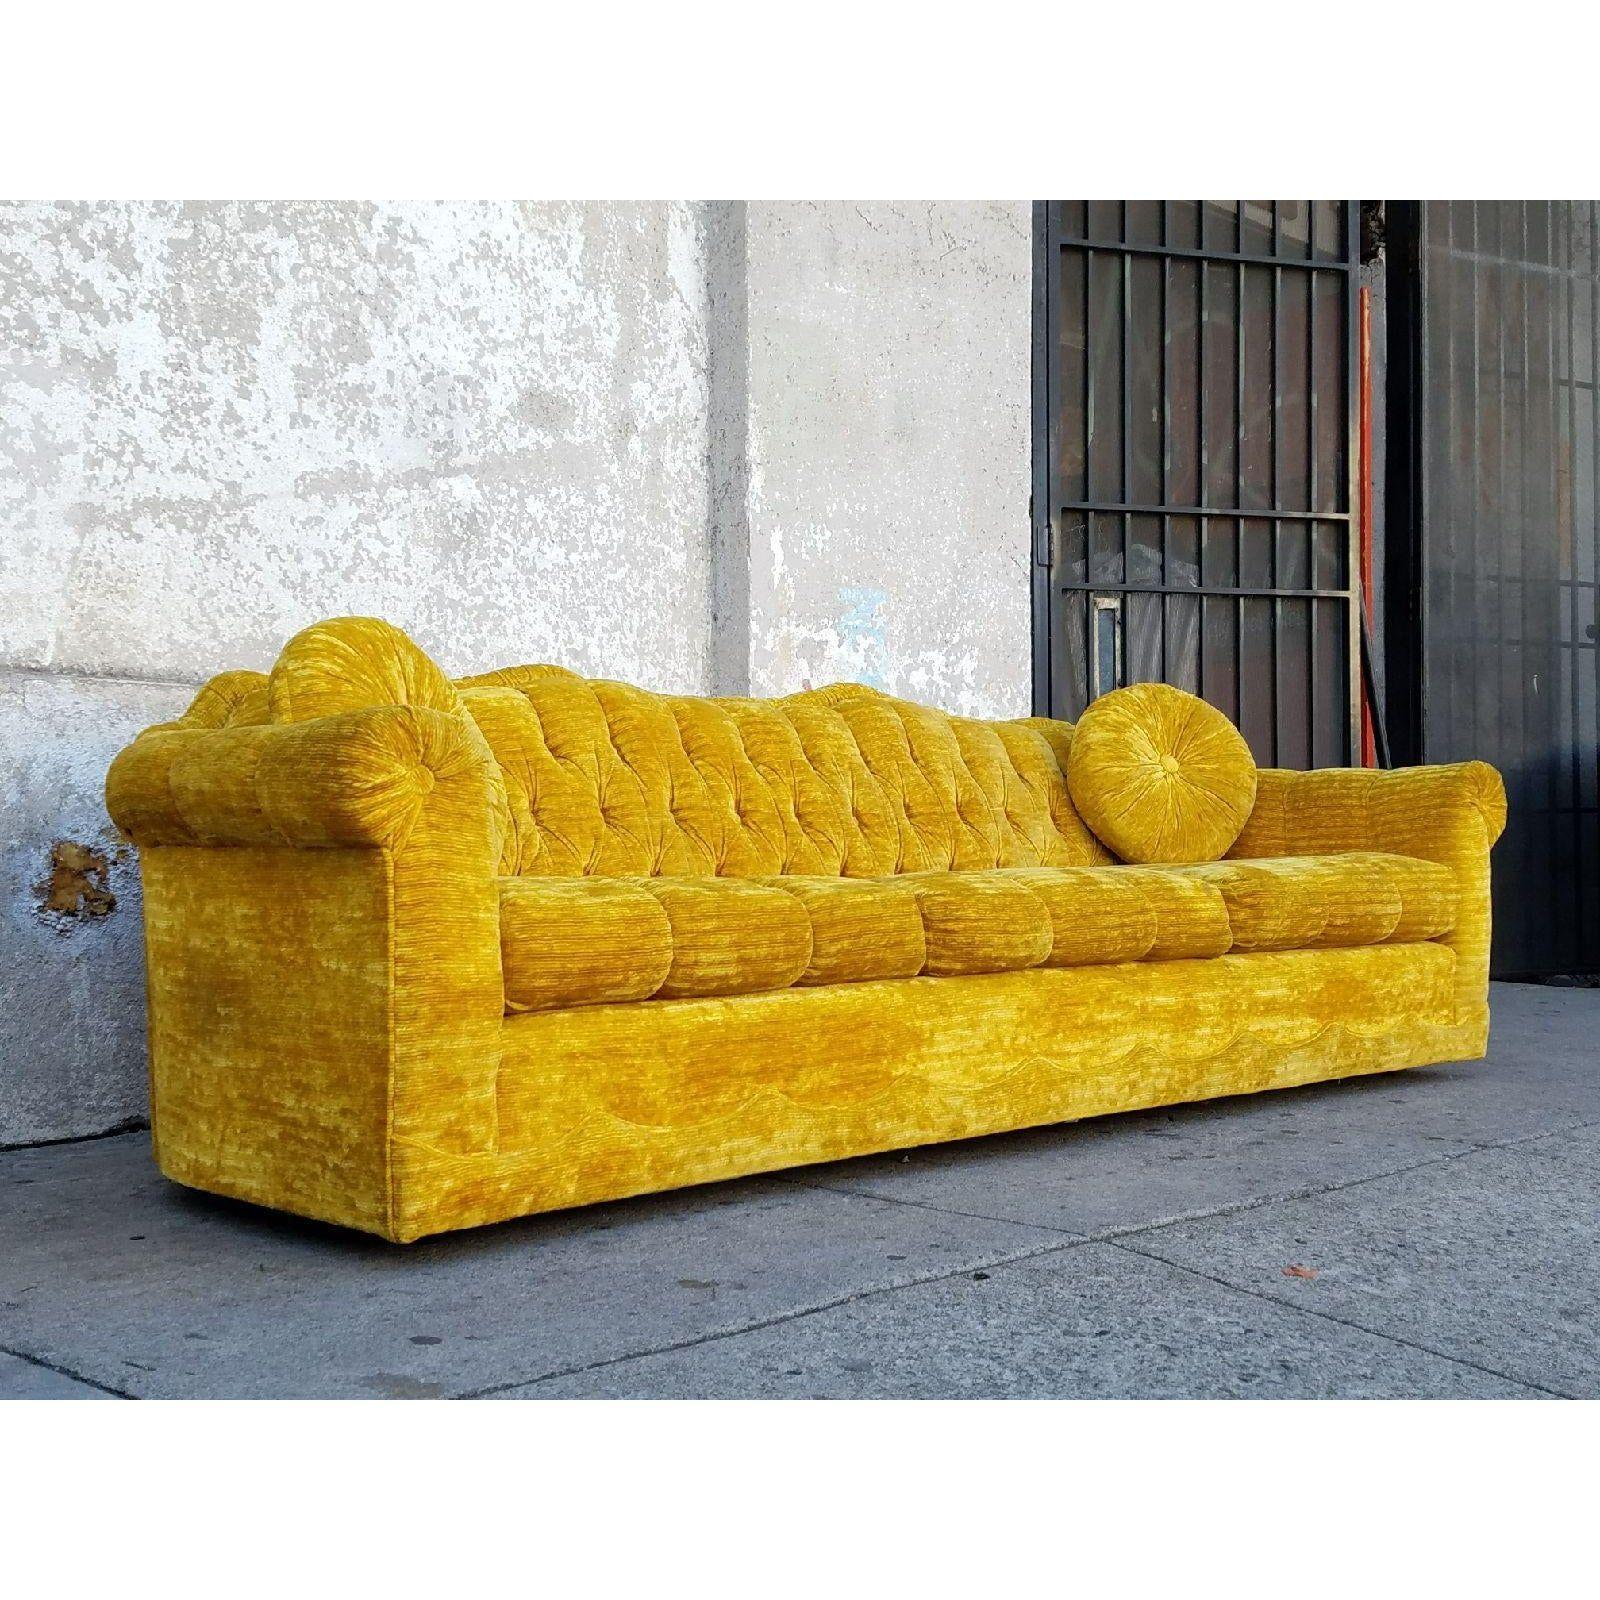 Vintage Gold Velvet Sofa Chairish In 2020 Velvet Sofa Vintage Sofa Crushed Velvet Sofa